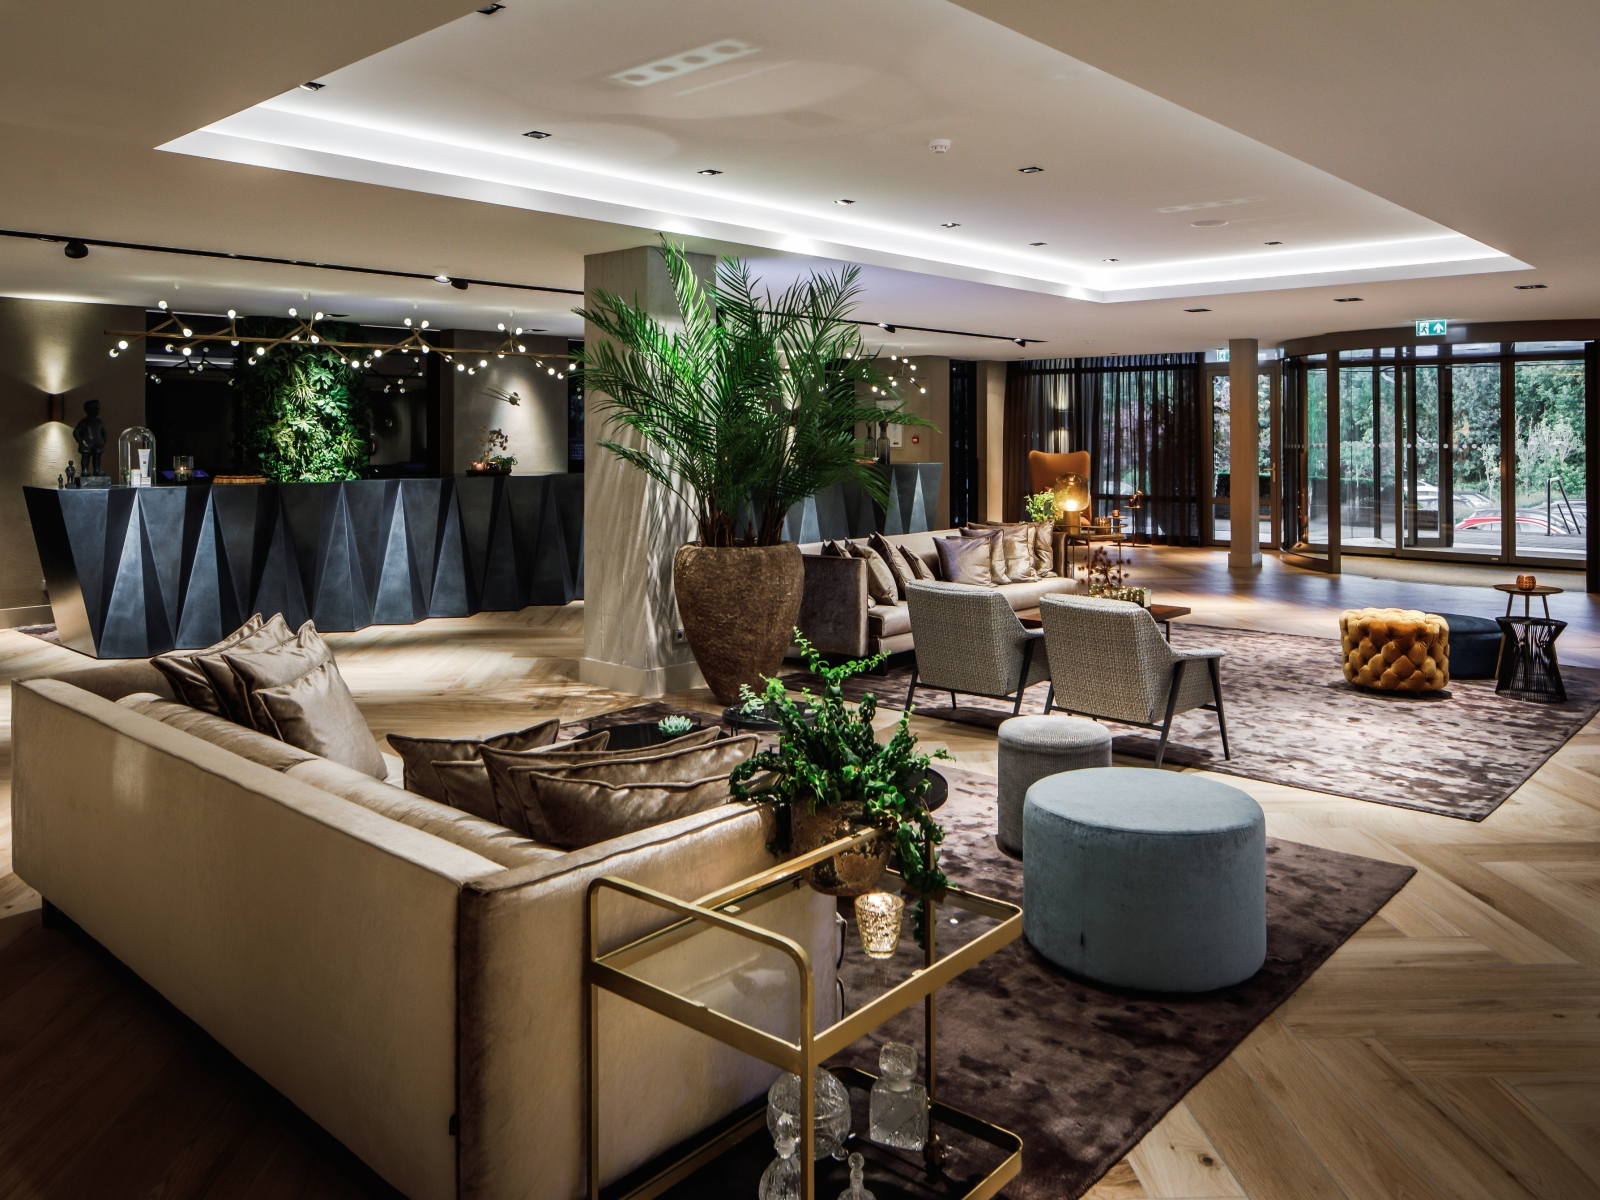 Goedkope Badkamer Assen : Van der valk hotel assen in assen de beste aanbiedingen